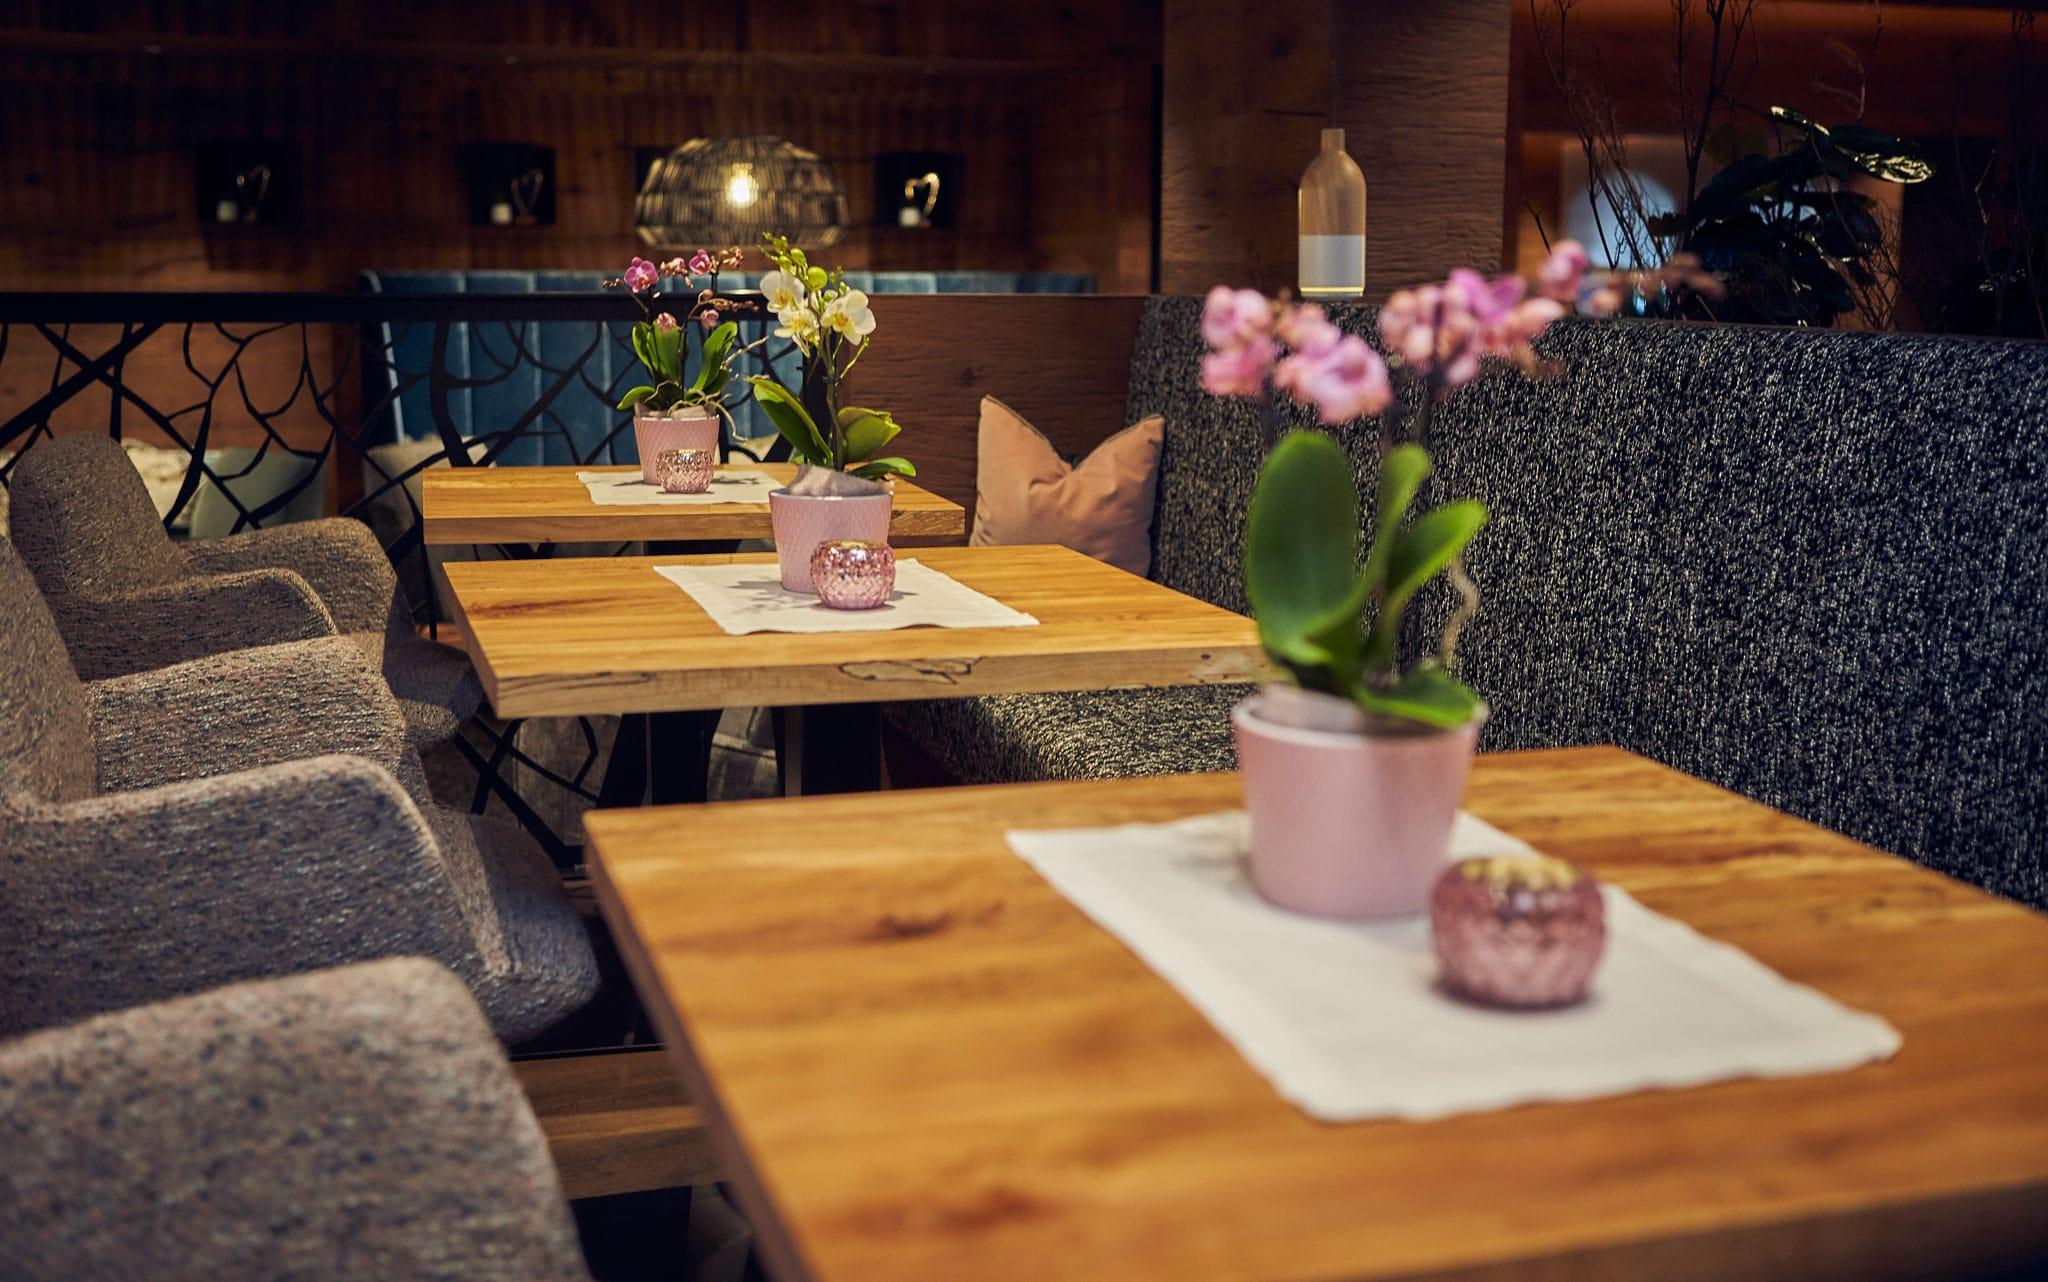 Tische in der Lounge mit jeweils einer Orchidee als Dekoration